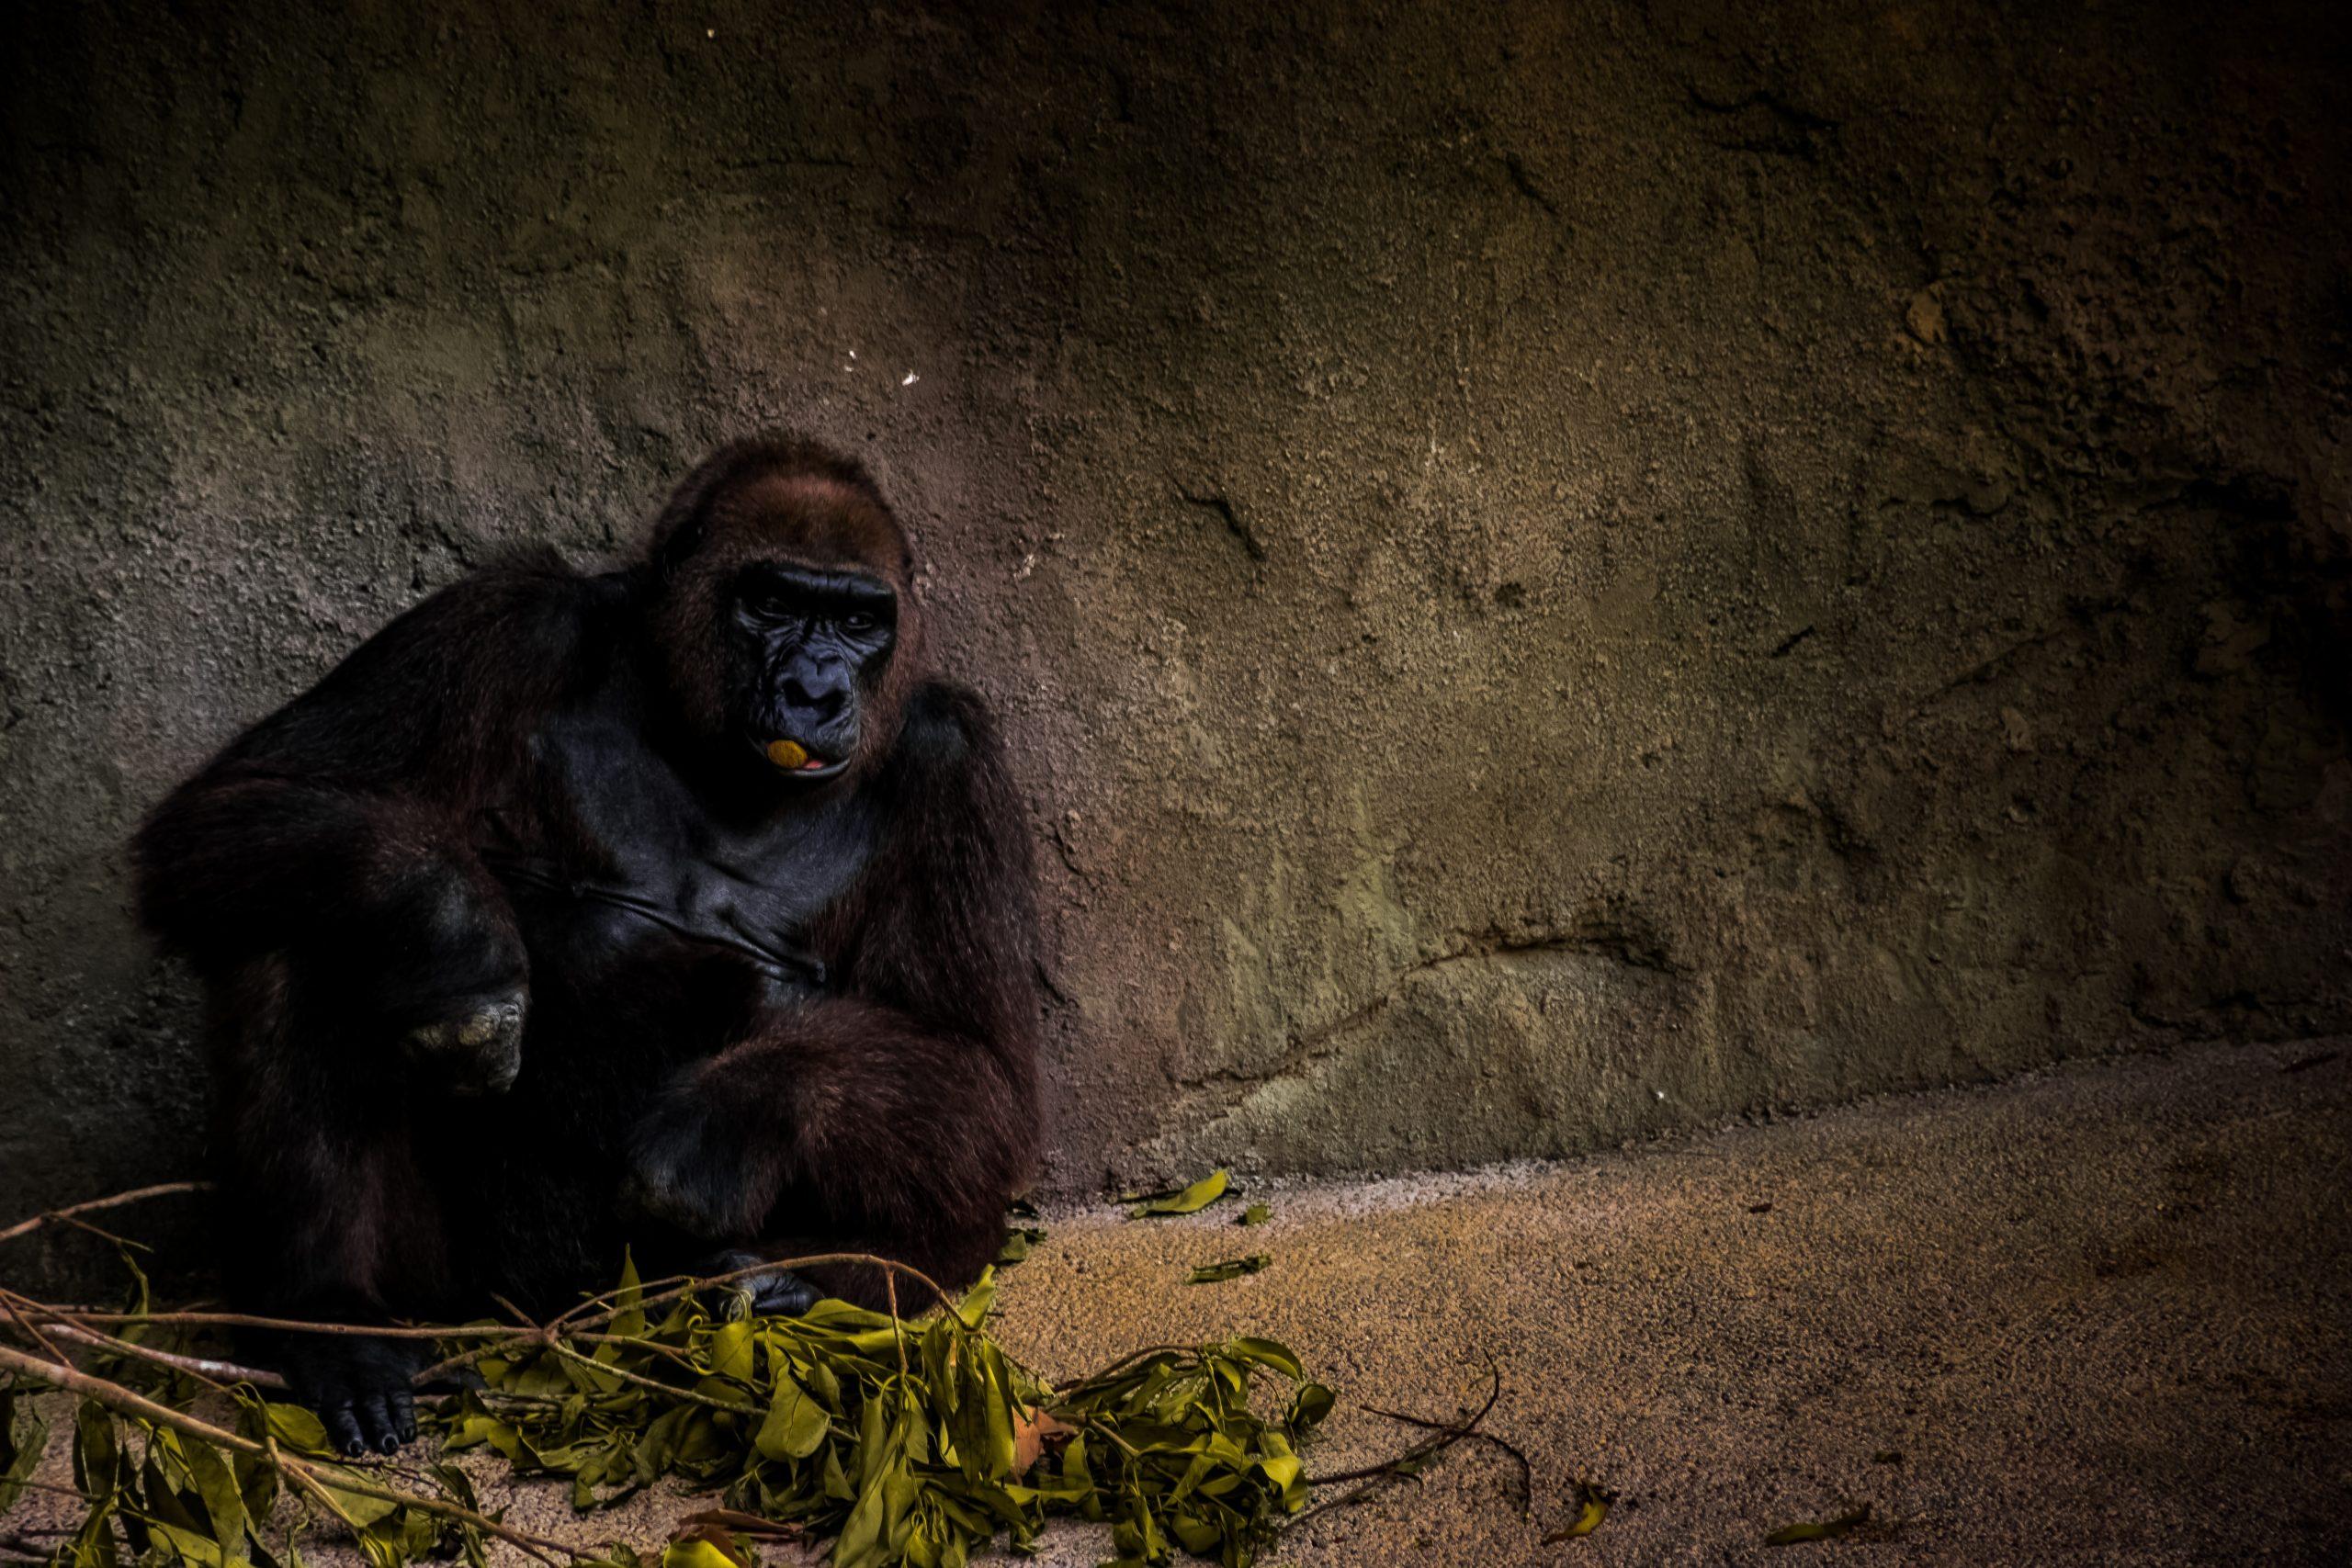 En gorilla i dyrehage som sitter deprimert inntil en steinvegg i buret sitt